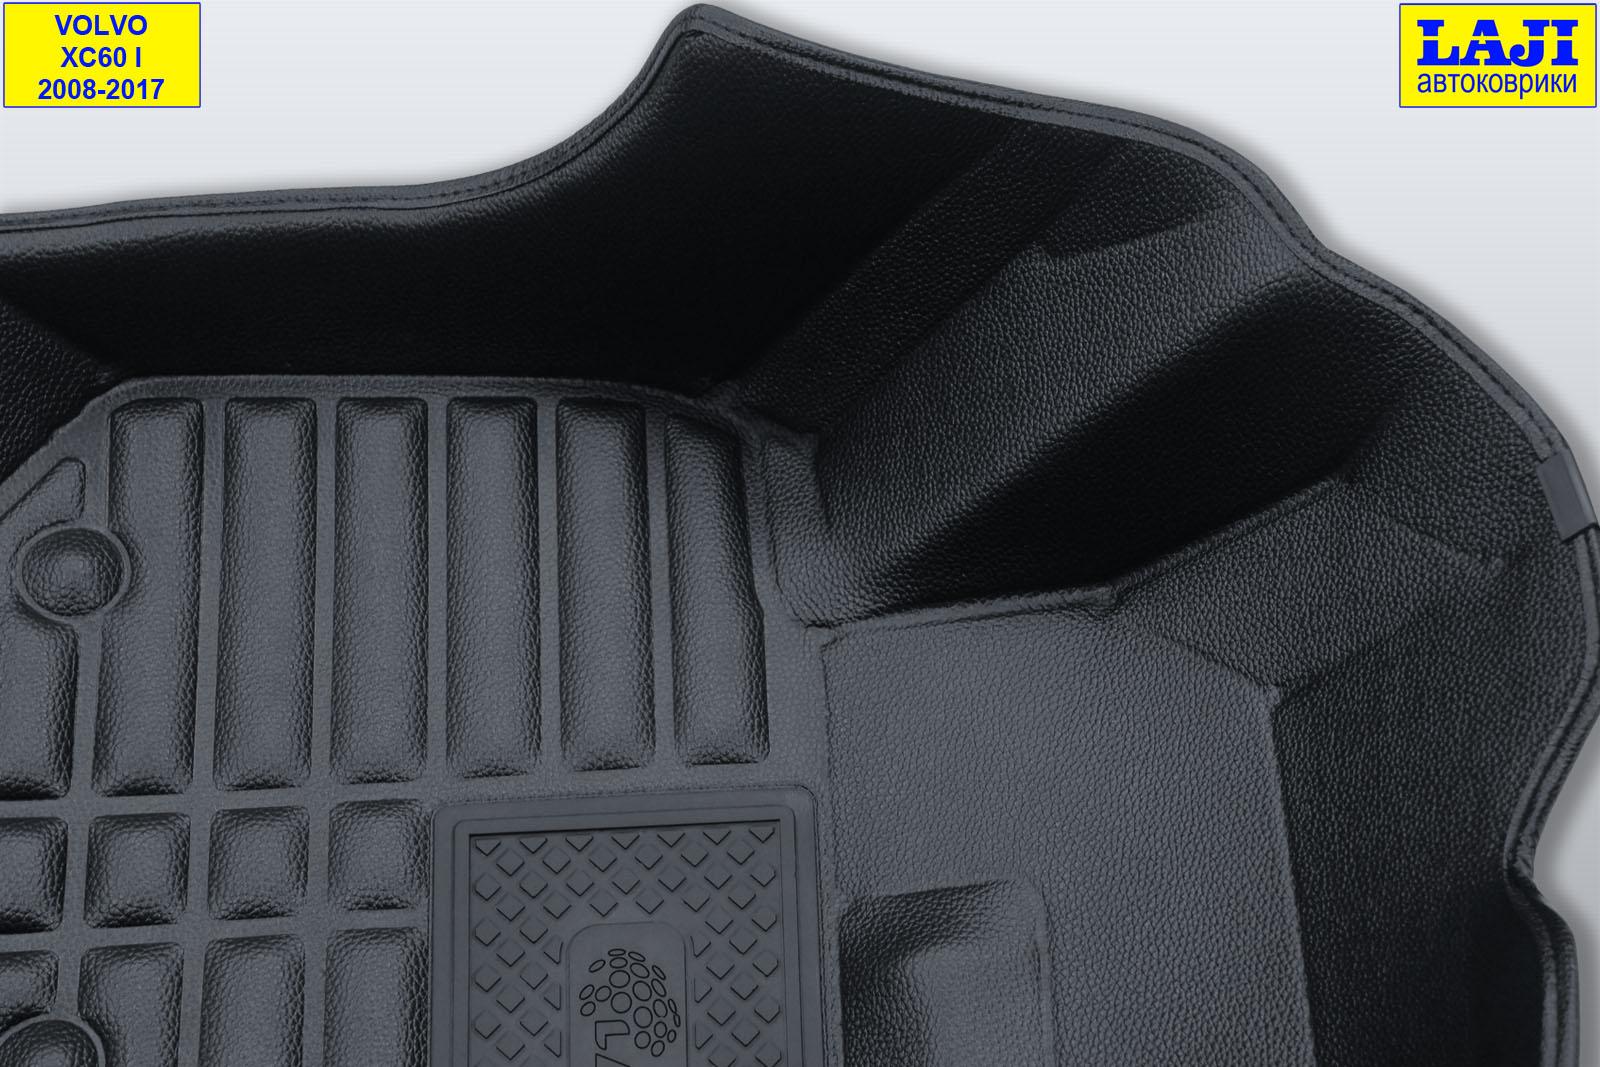 5D коврики в салон Volvo XC60 I 2008-2017 6